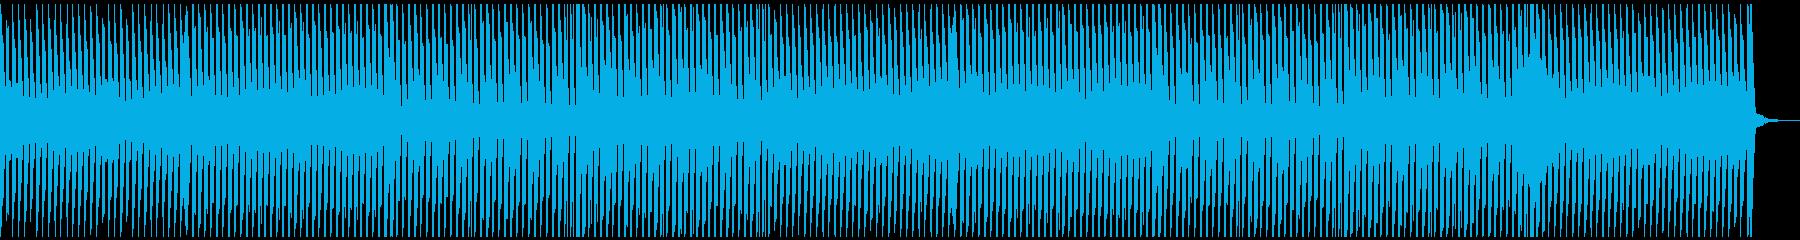 企業VP爽やかダンスビートの再生済みの波形